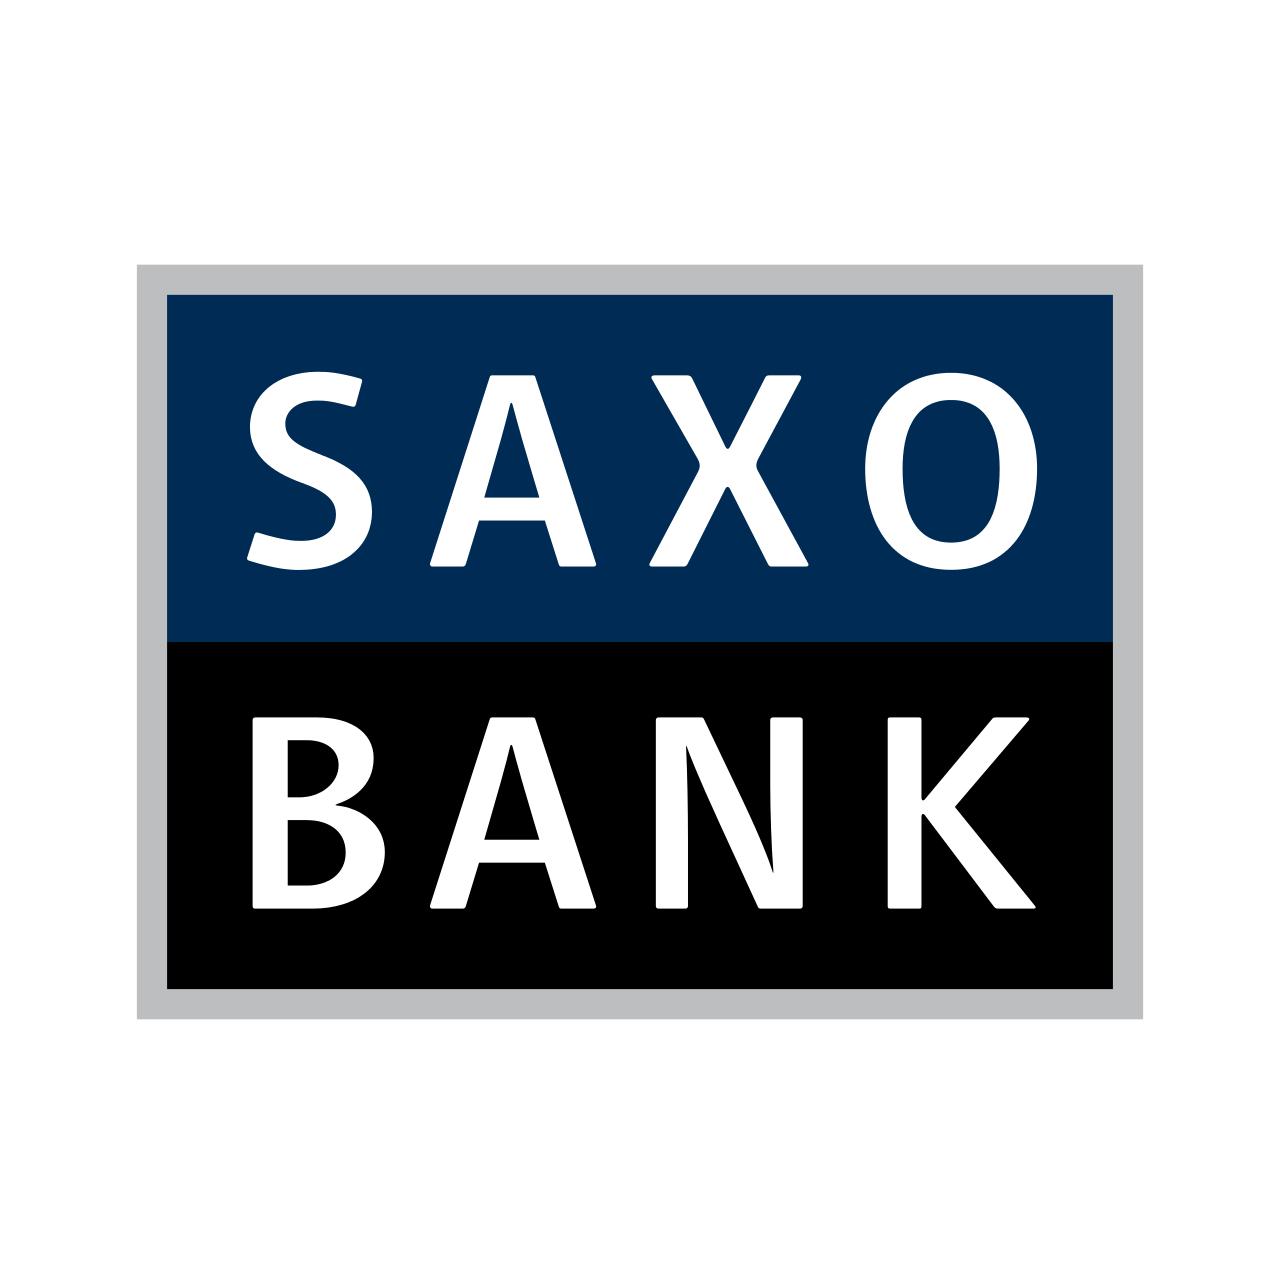 Saxo bank forex 4